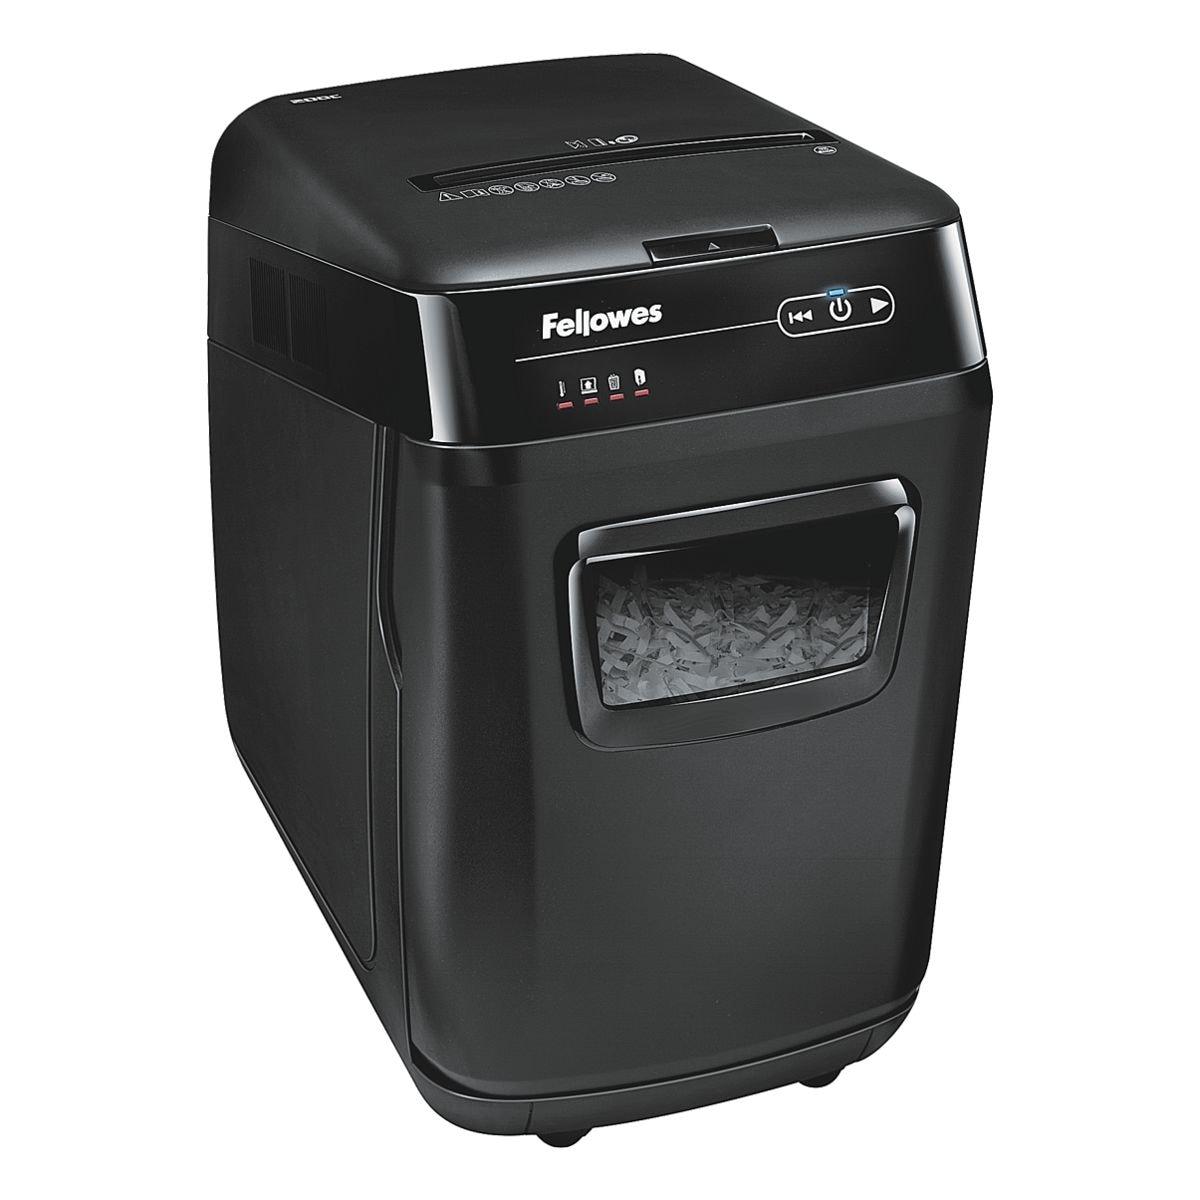 Aktenvernichter Fellowes AutoMax 200C, Sicherheitsstufe 4, Partikelschnitt (4 x 38 mm) bis 200 Blatt